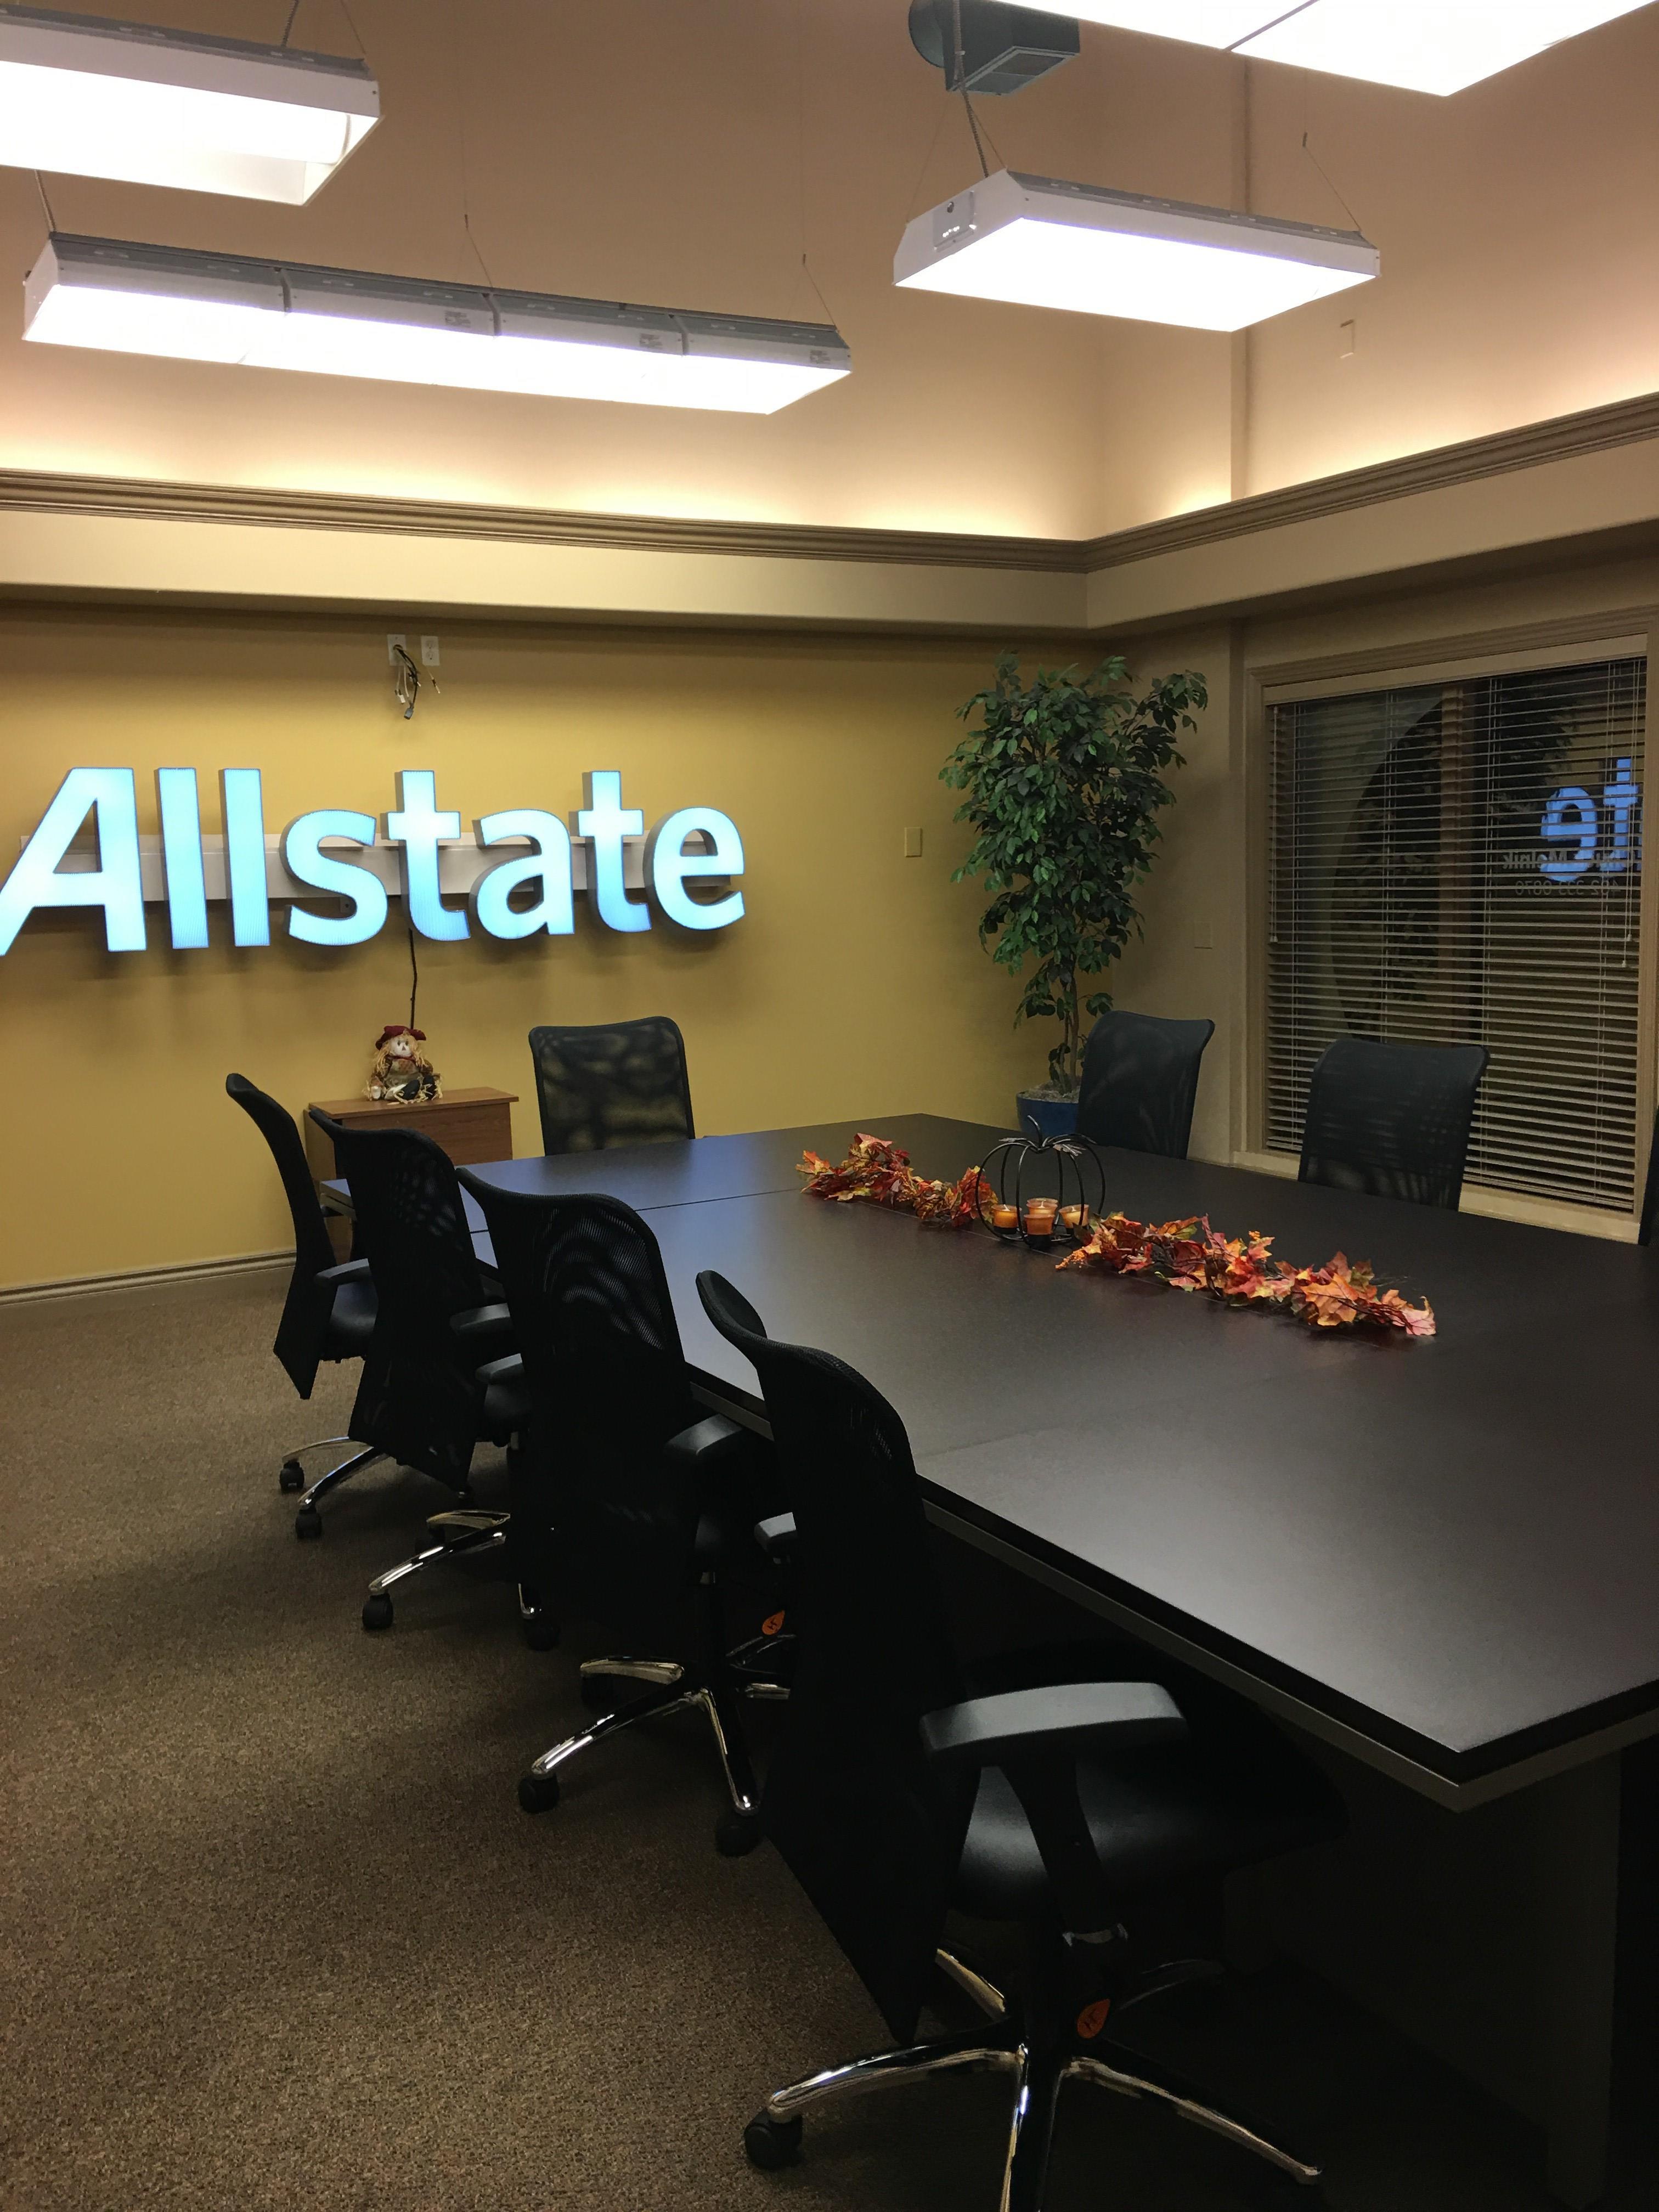 Charles Melnik: Allstate Insurance image 5